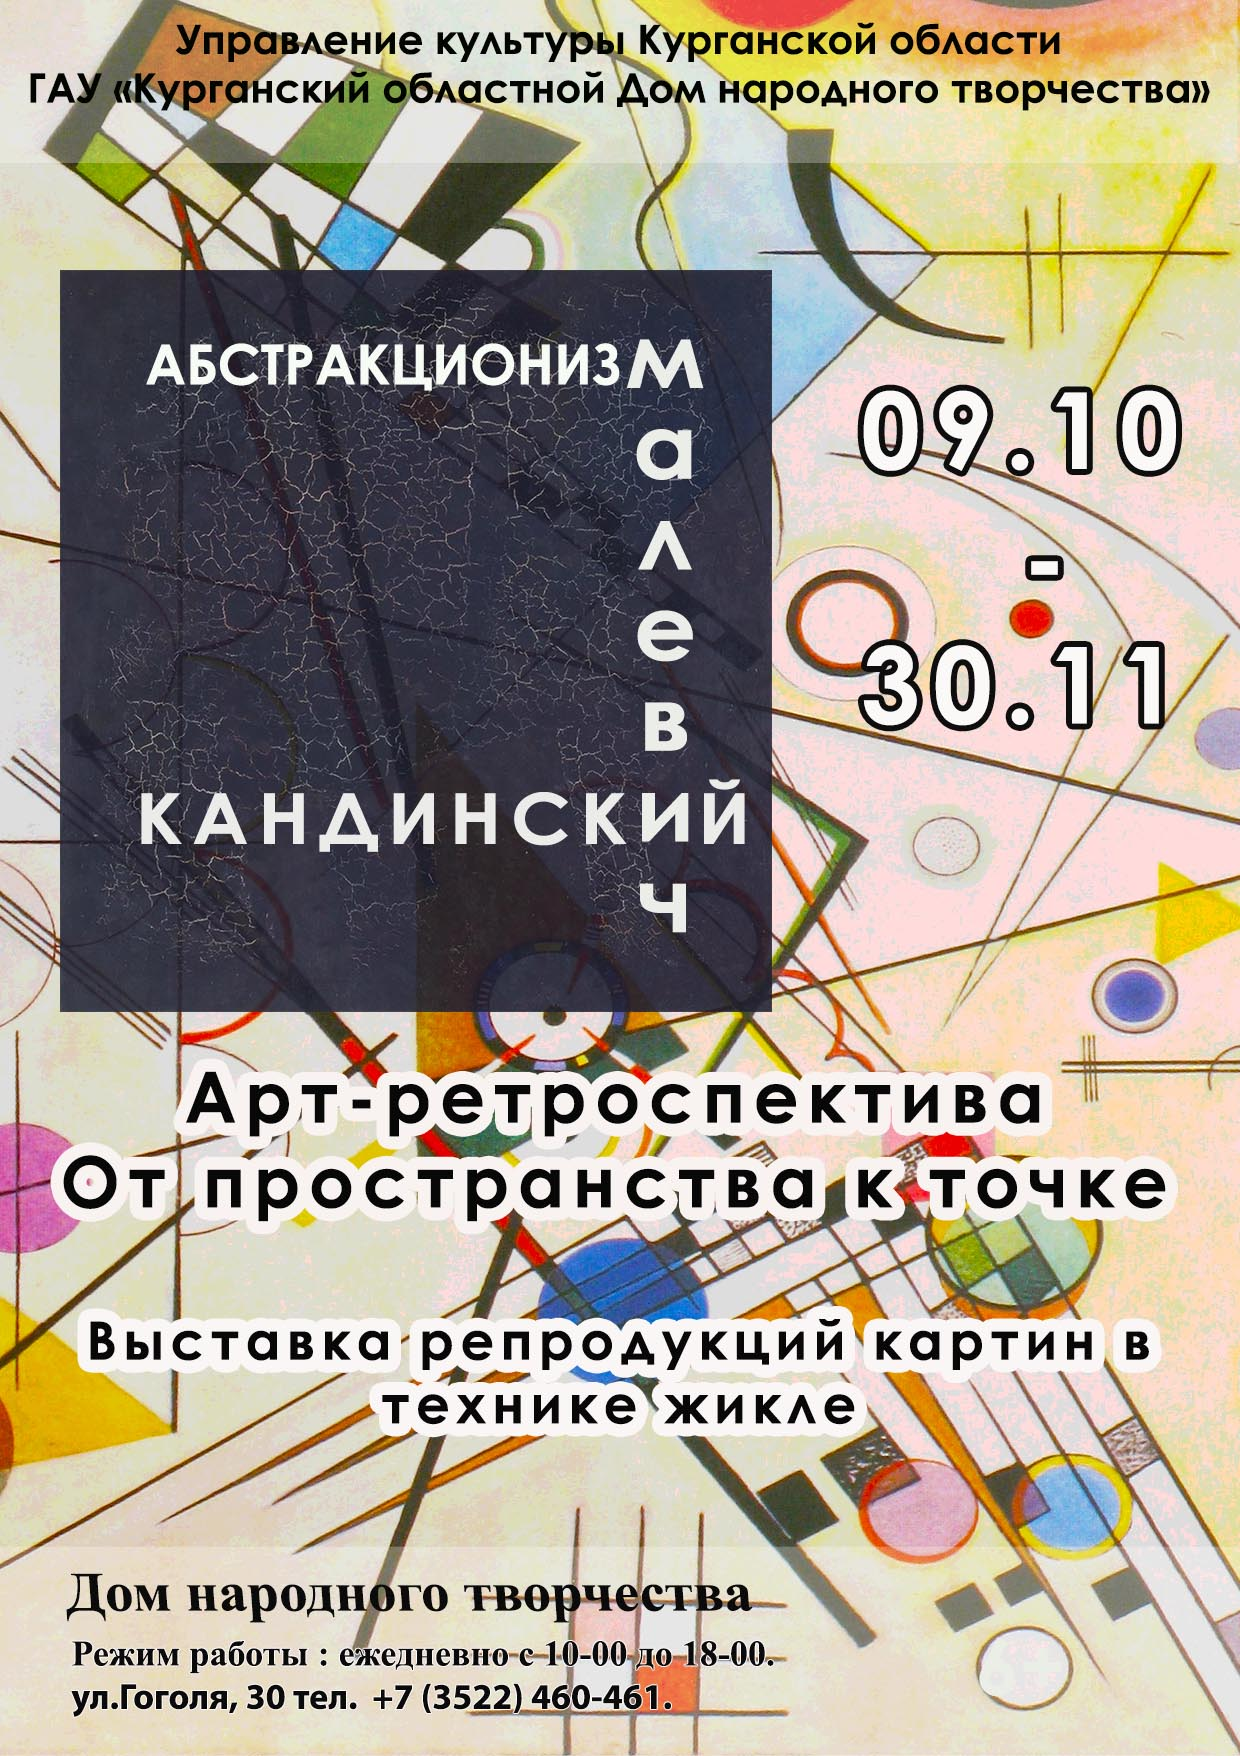 Выставка «Абстракционизм» Малевич & Кандинский курган афиша расписание